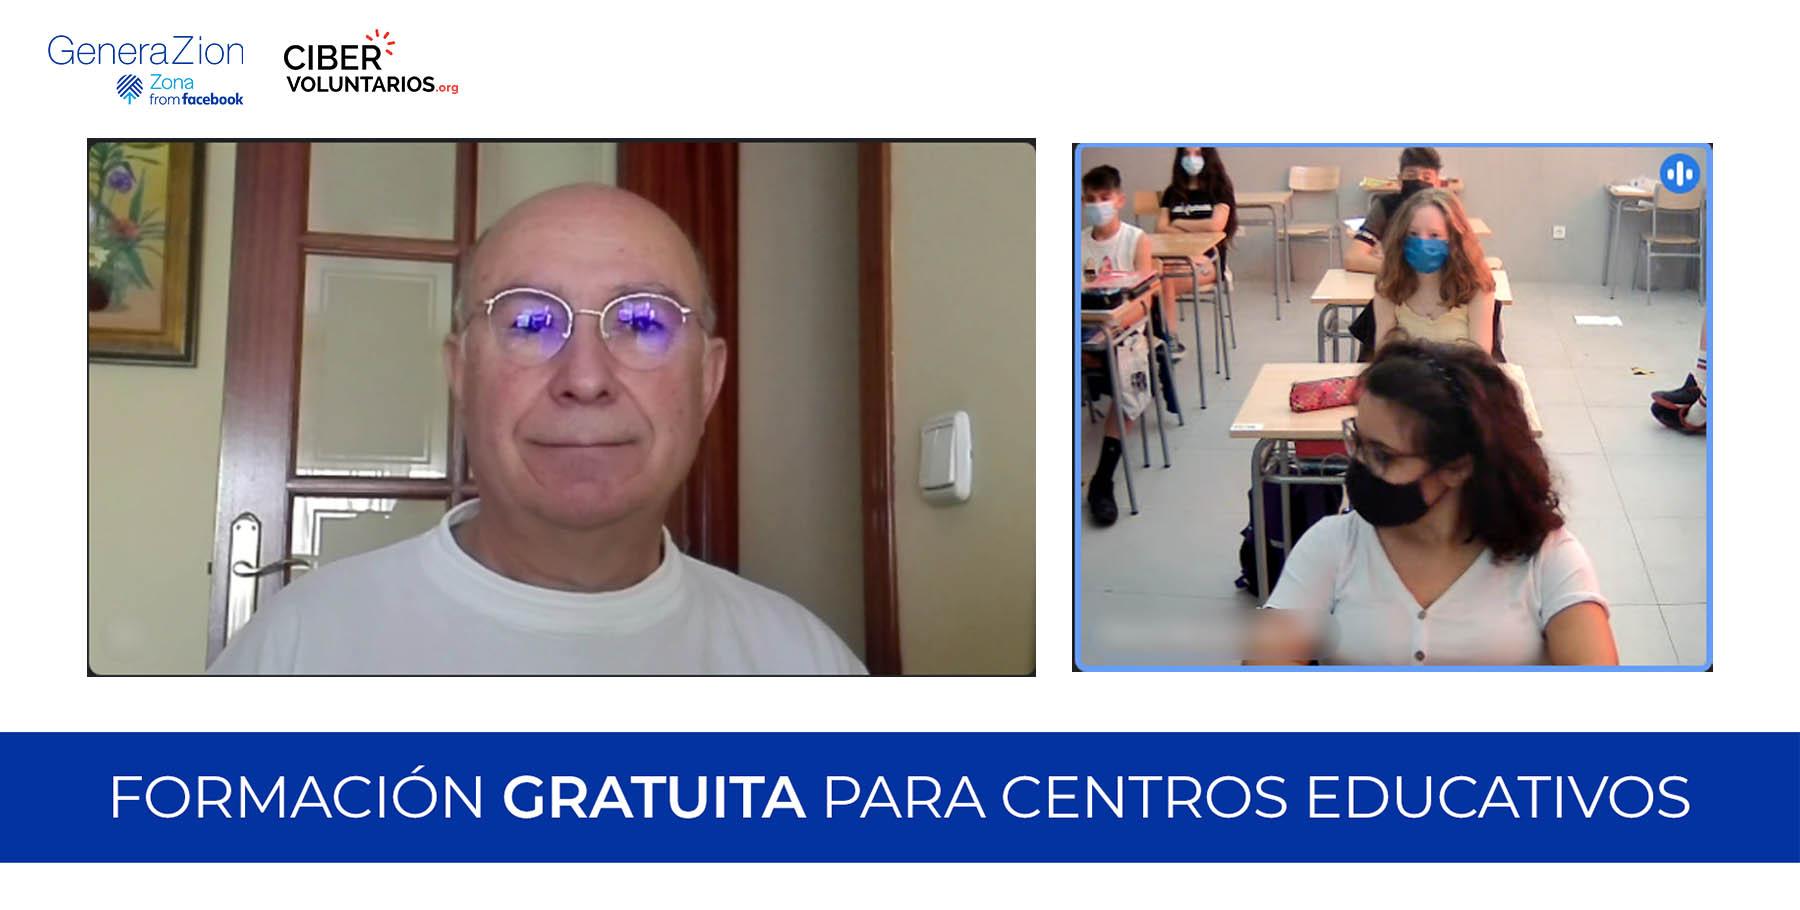 Nueva ciberformación de Generazión en Villanueva de Gállego: Uso seguro de internet y de las redes sociales para jóvenes